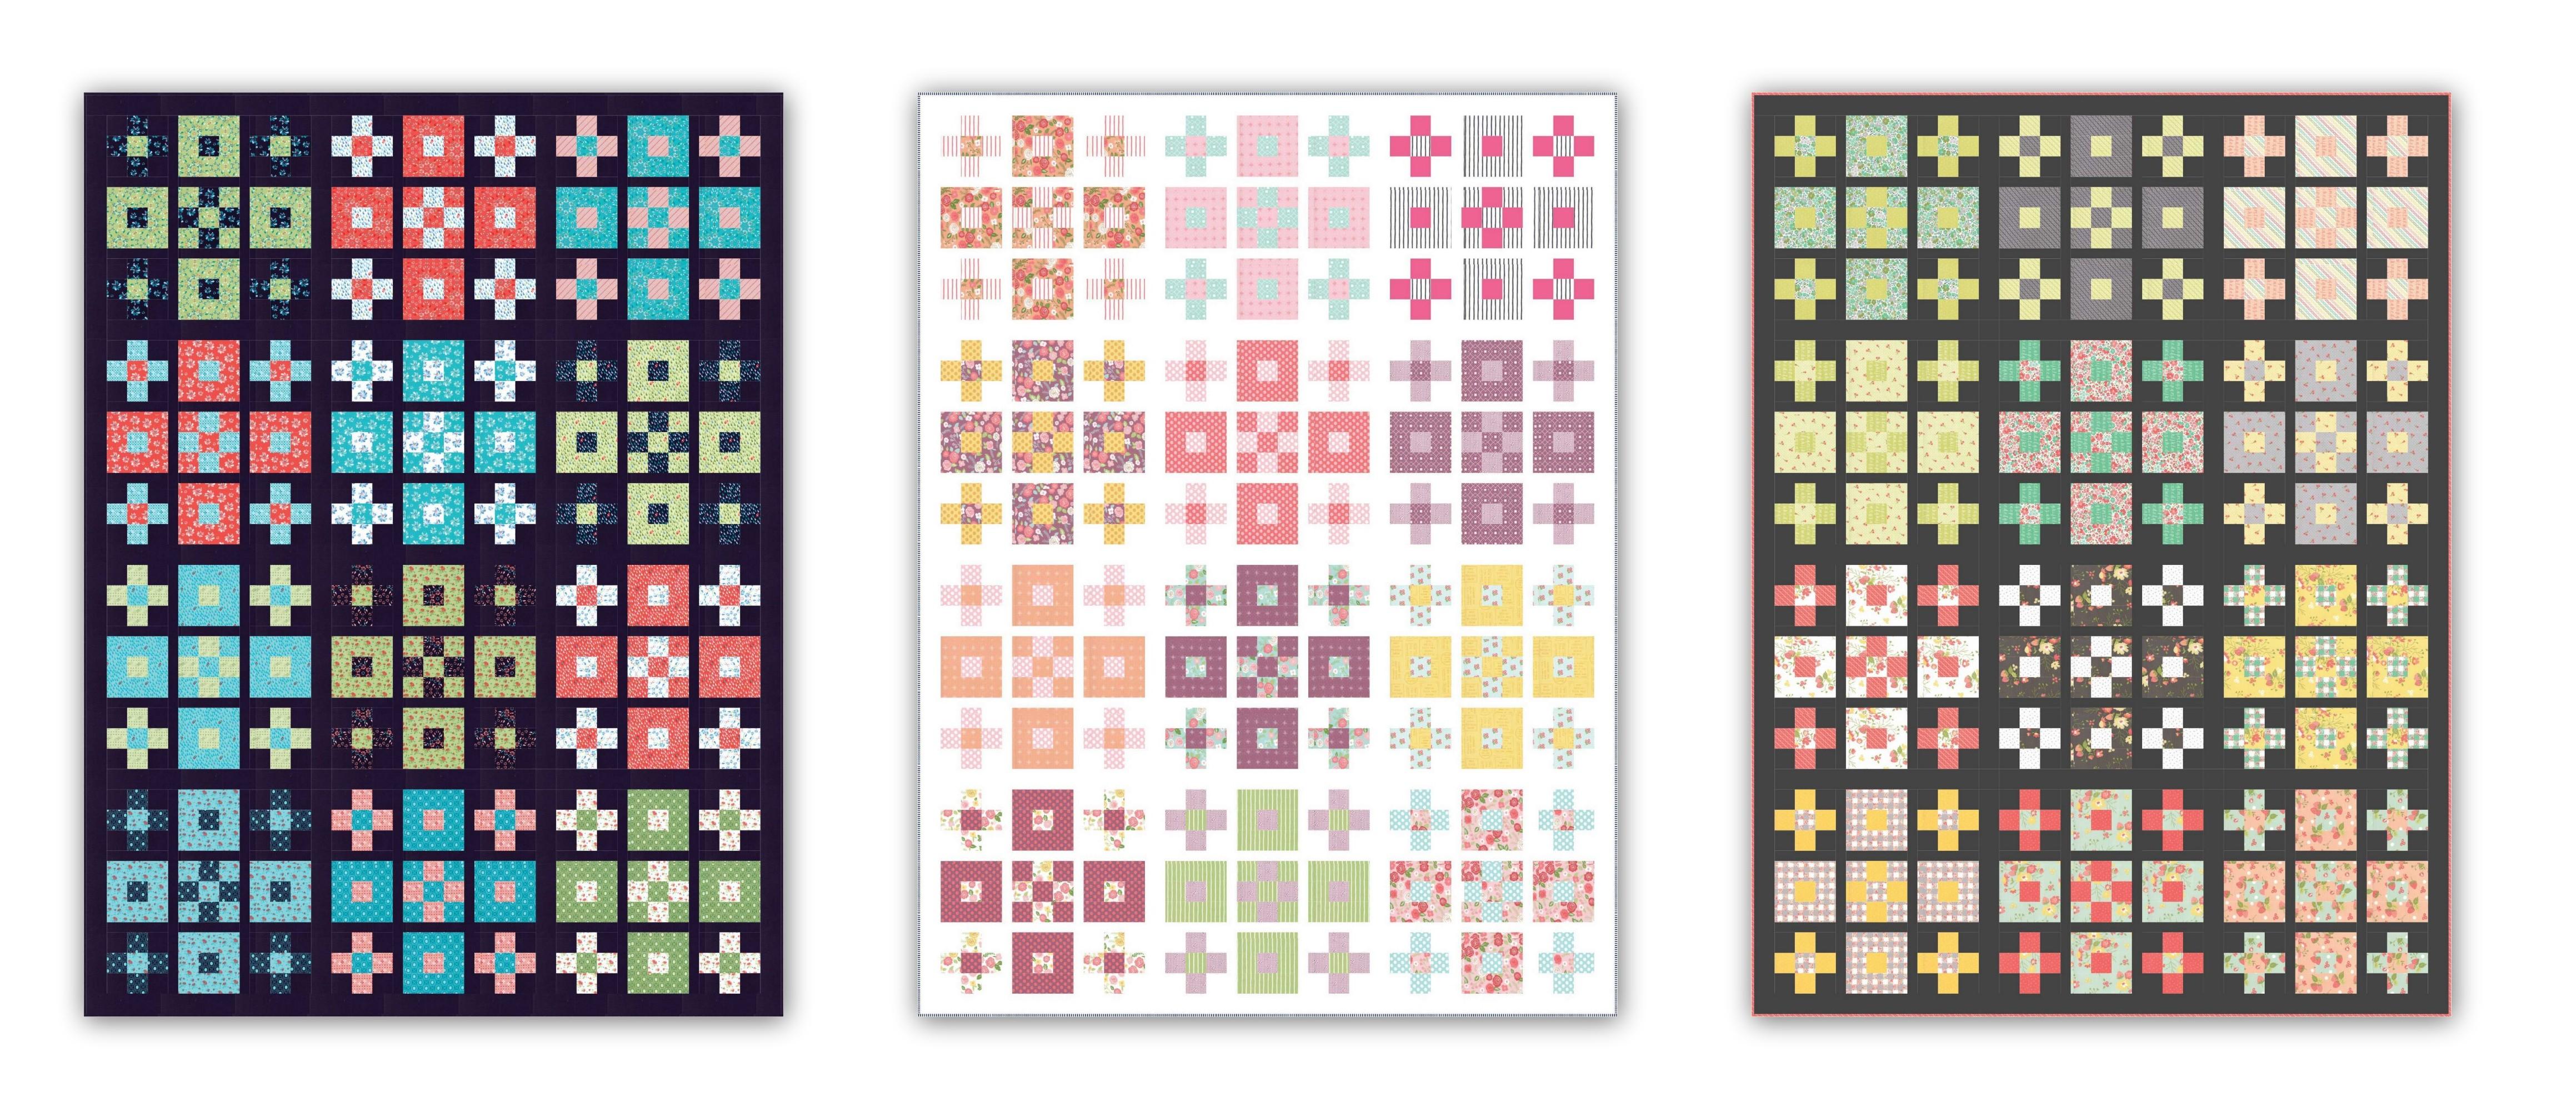 pattern-ninecubed-examples.jpg